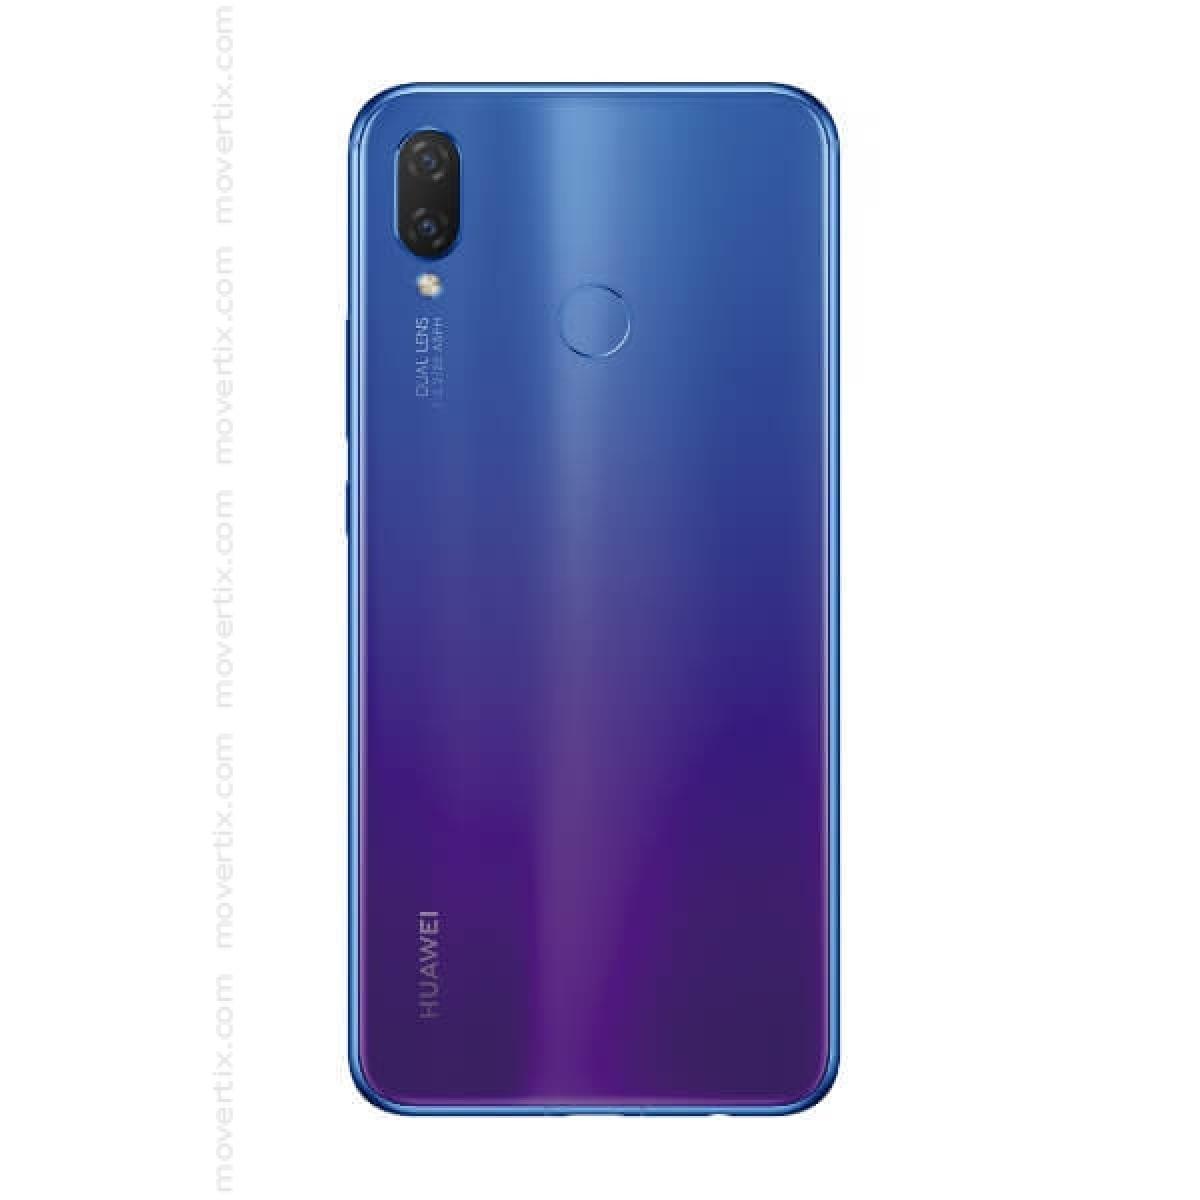 dea4d1c898f El Huawei P Smart Plus de color iris purple es un smartphone Dual SIM con  pantalla FullHD+ de 6,3 pulgadas, dos cámaras duales, inteligencia  artificial, ...